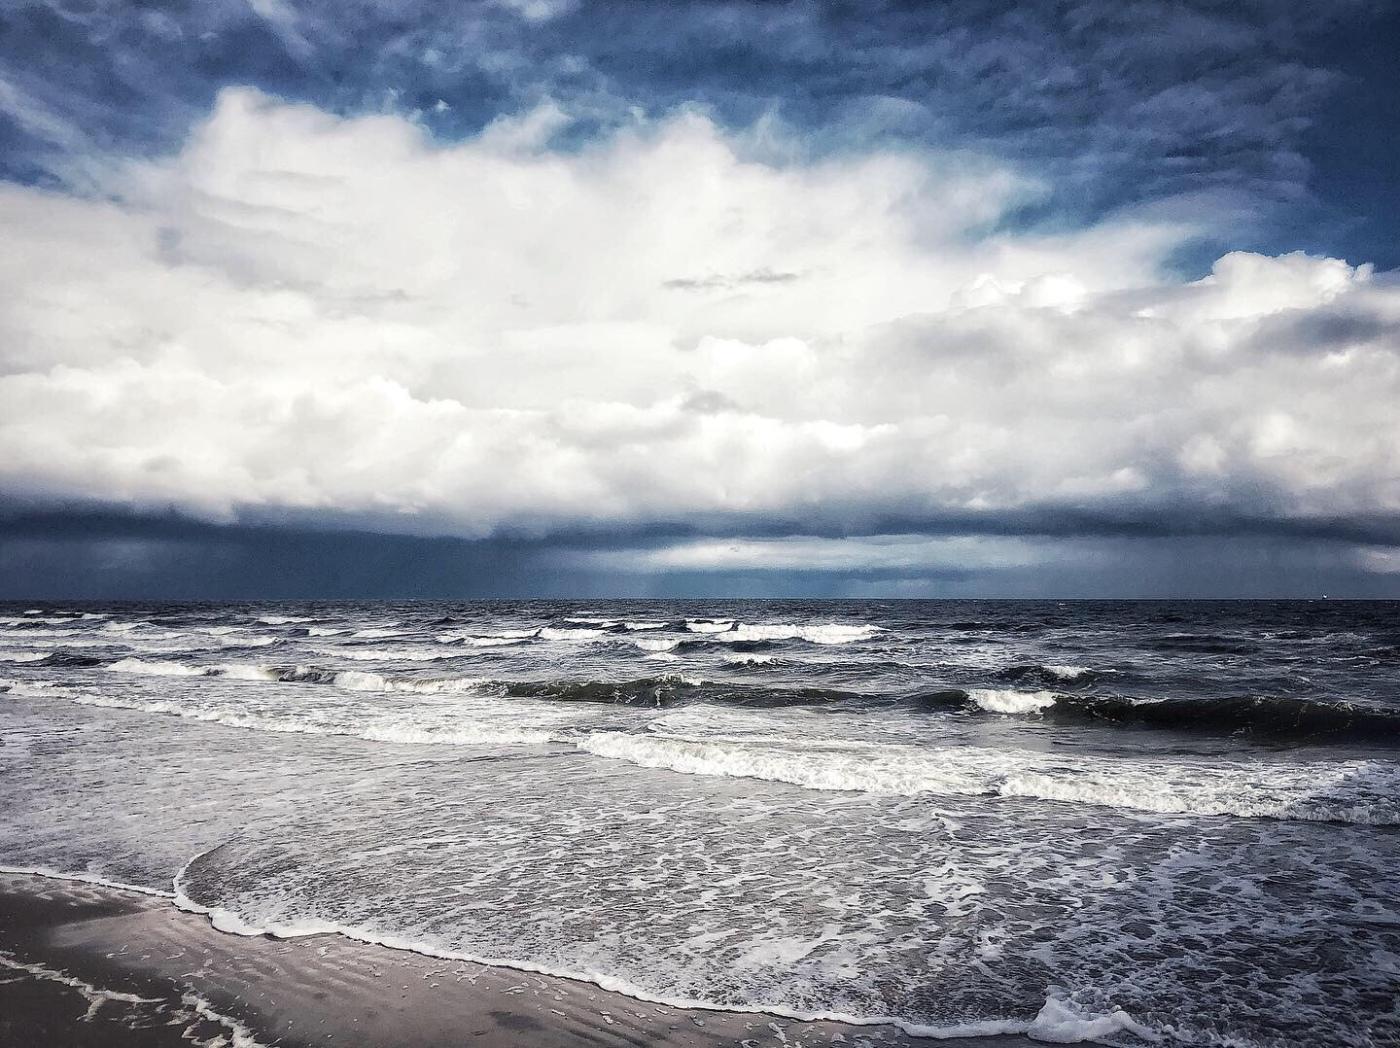 Ostseesturm, Wellen mit Schaumkronen und bedrohlichen Wolken